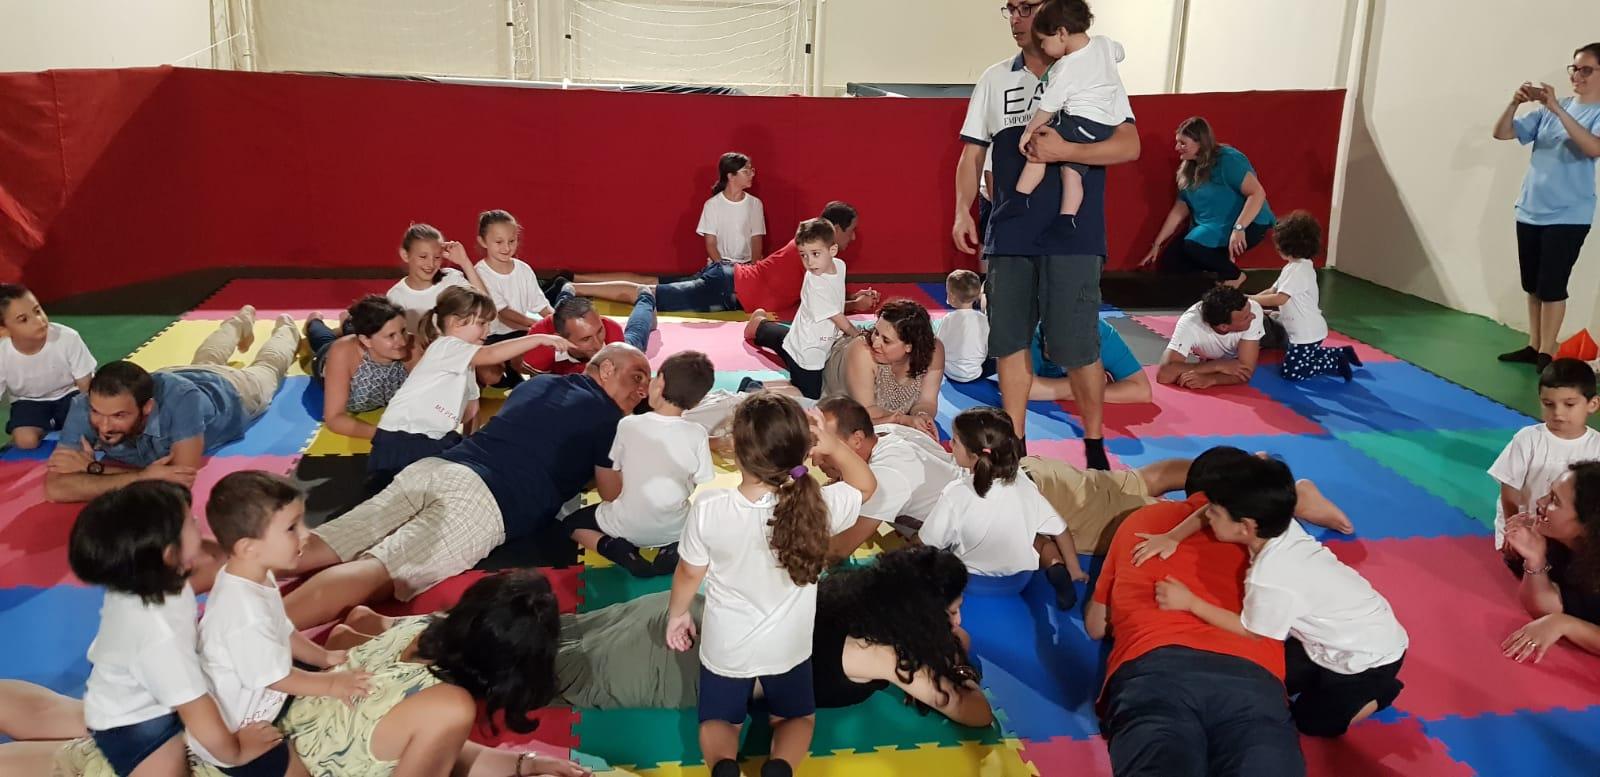 """Milazzo. Saggio di Propedeutica musicale della Banda Pietro Mascagni. Sergi: """"Attività psico-motorie aperte a tutti i bambini"""""""